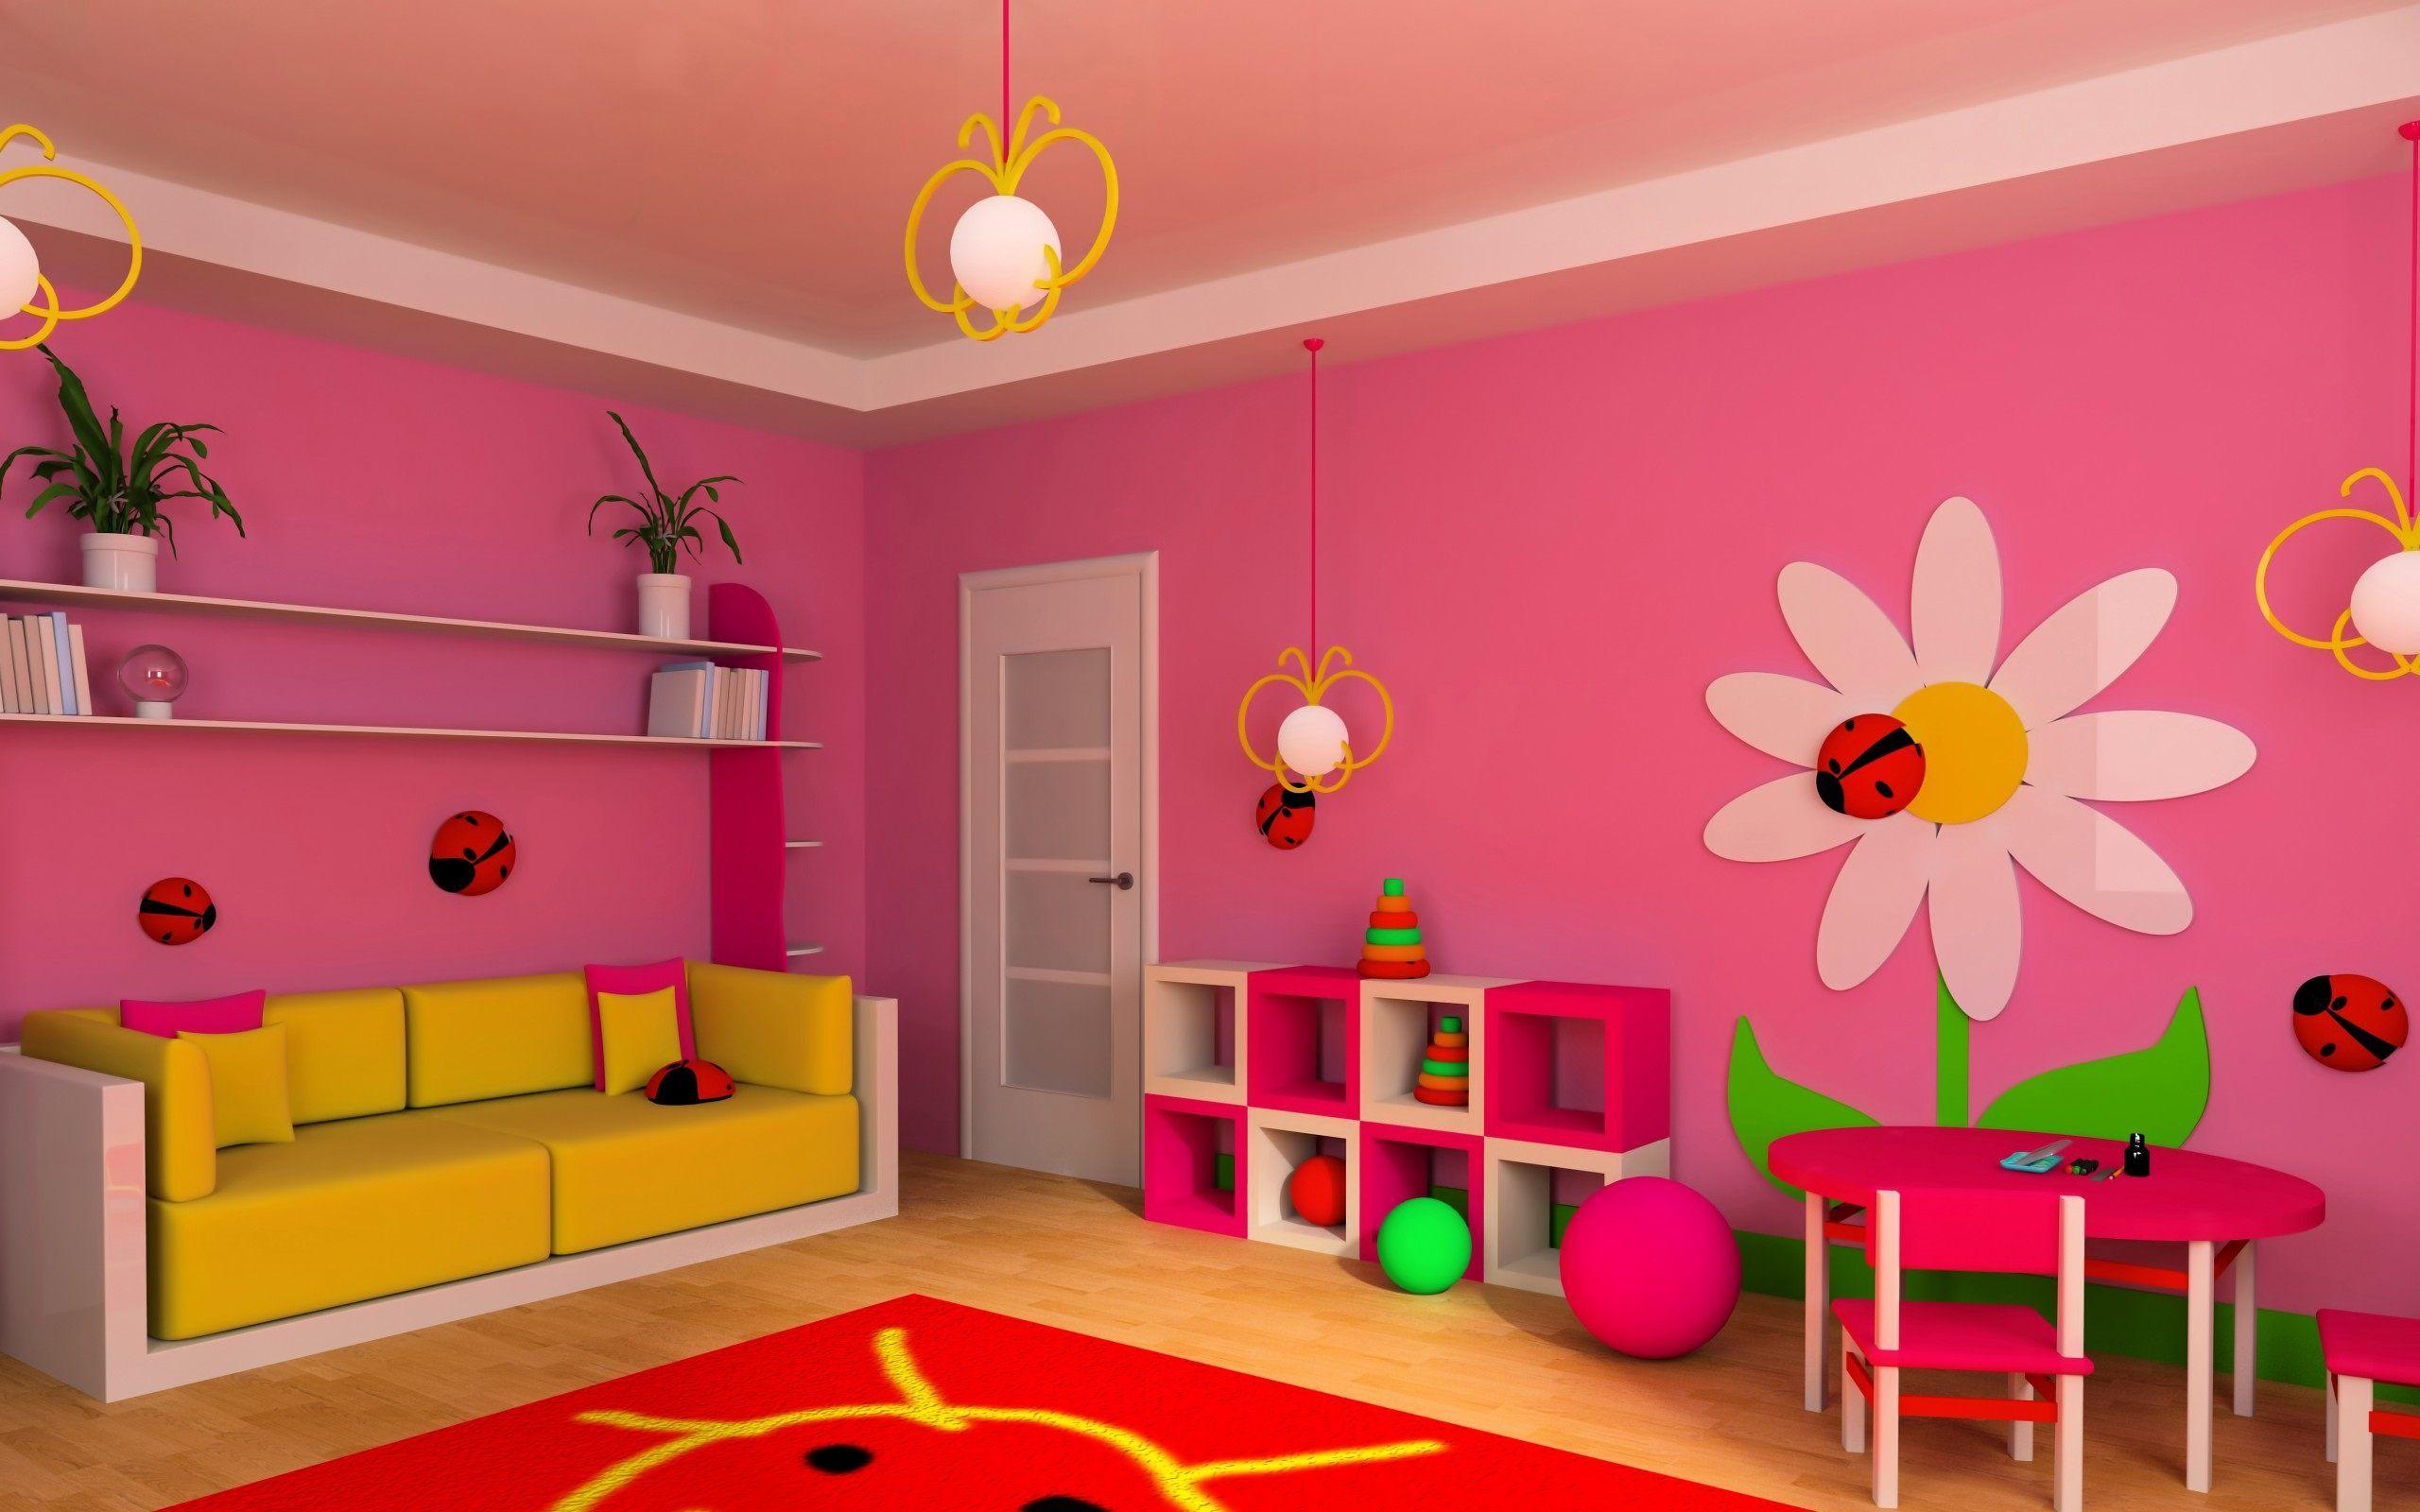 Baby Childrens Wallpaper Borders Childrens Wallpaper Border Kids Room Wallpaper Kids Room Design Wallpaper Design For Bedroom